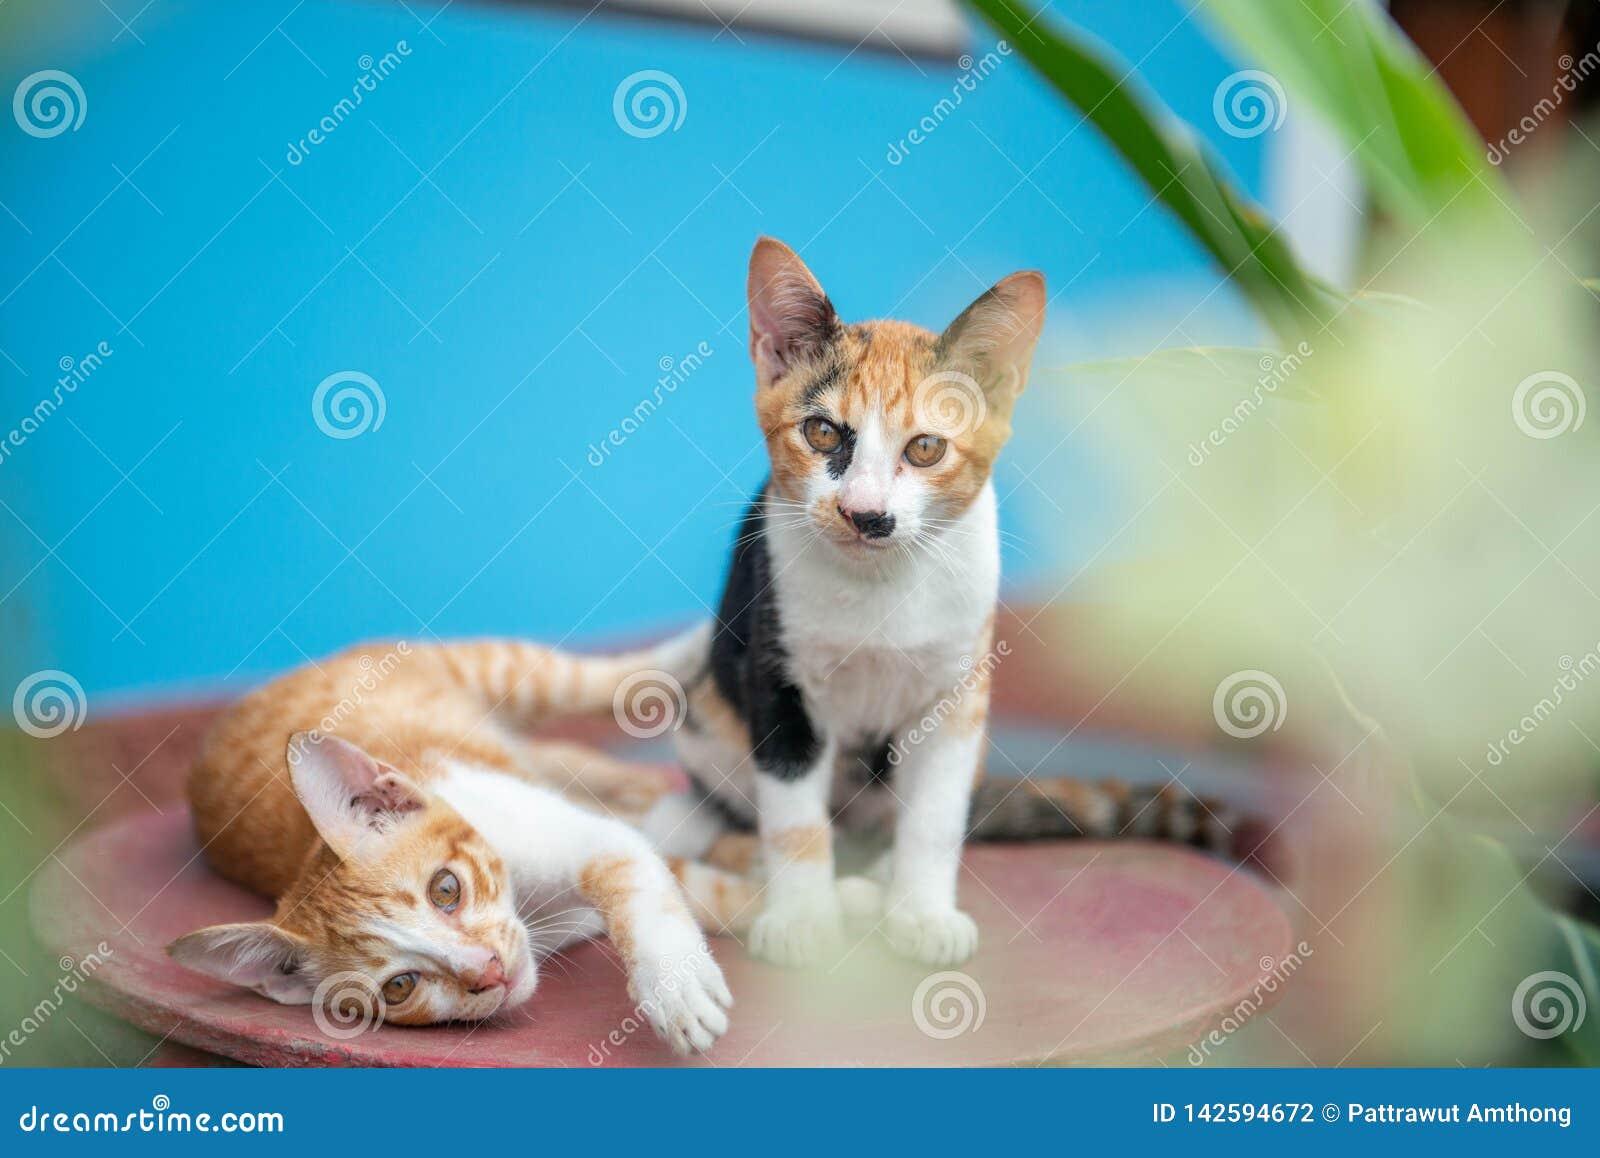 Kat twee op een blauwe achtergrond